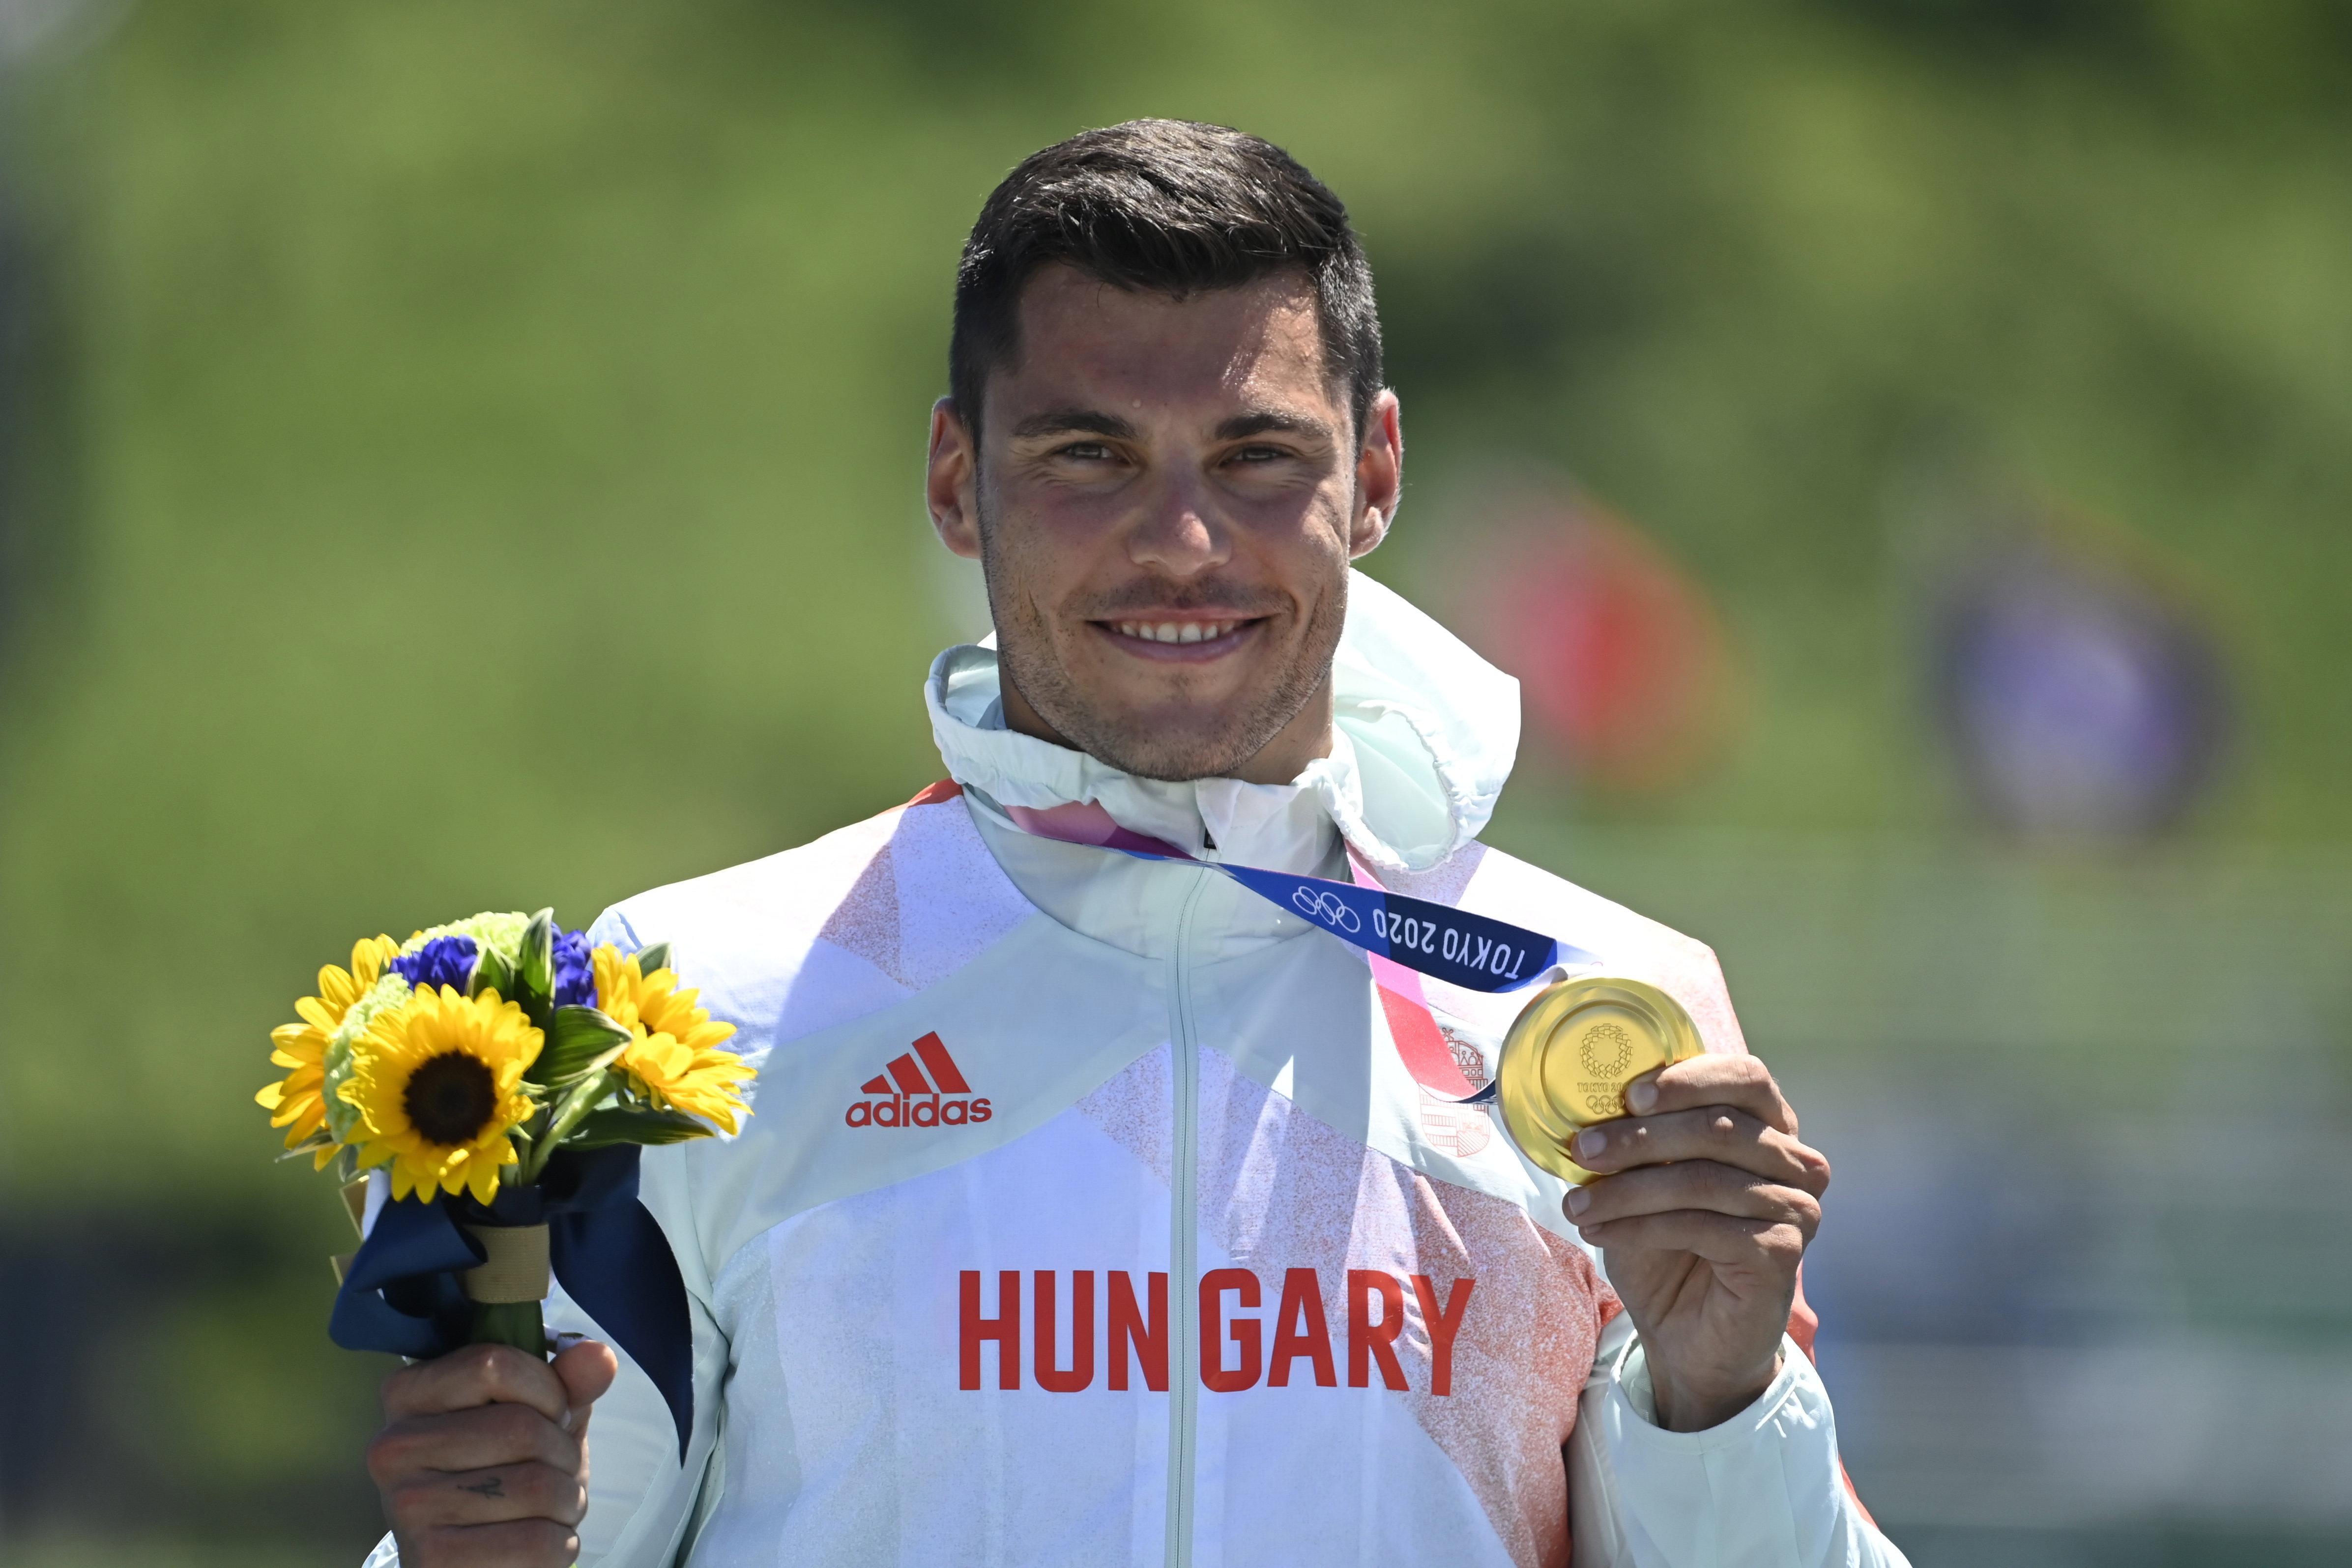 Itt nézheti meg Tótka Sándor kajak 200-on szerzett aranyérmét